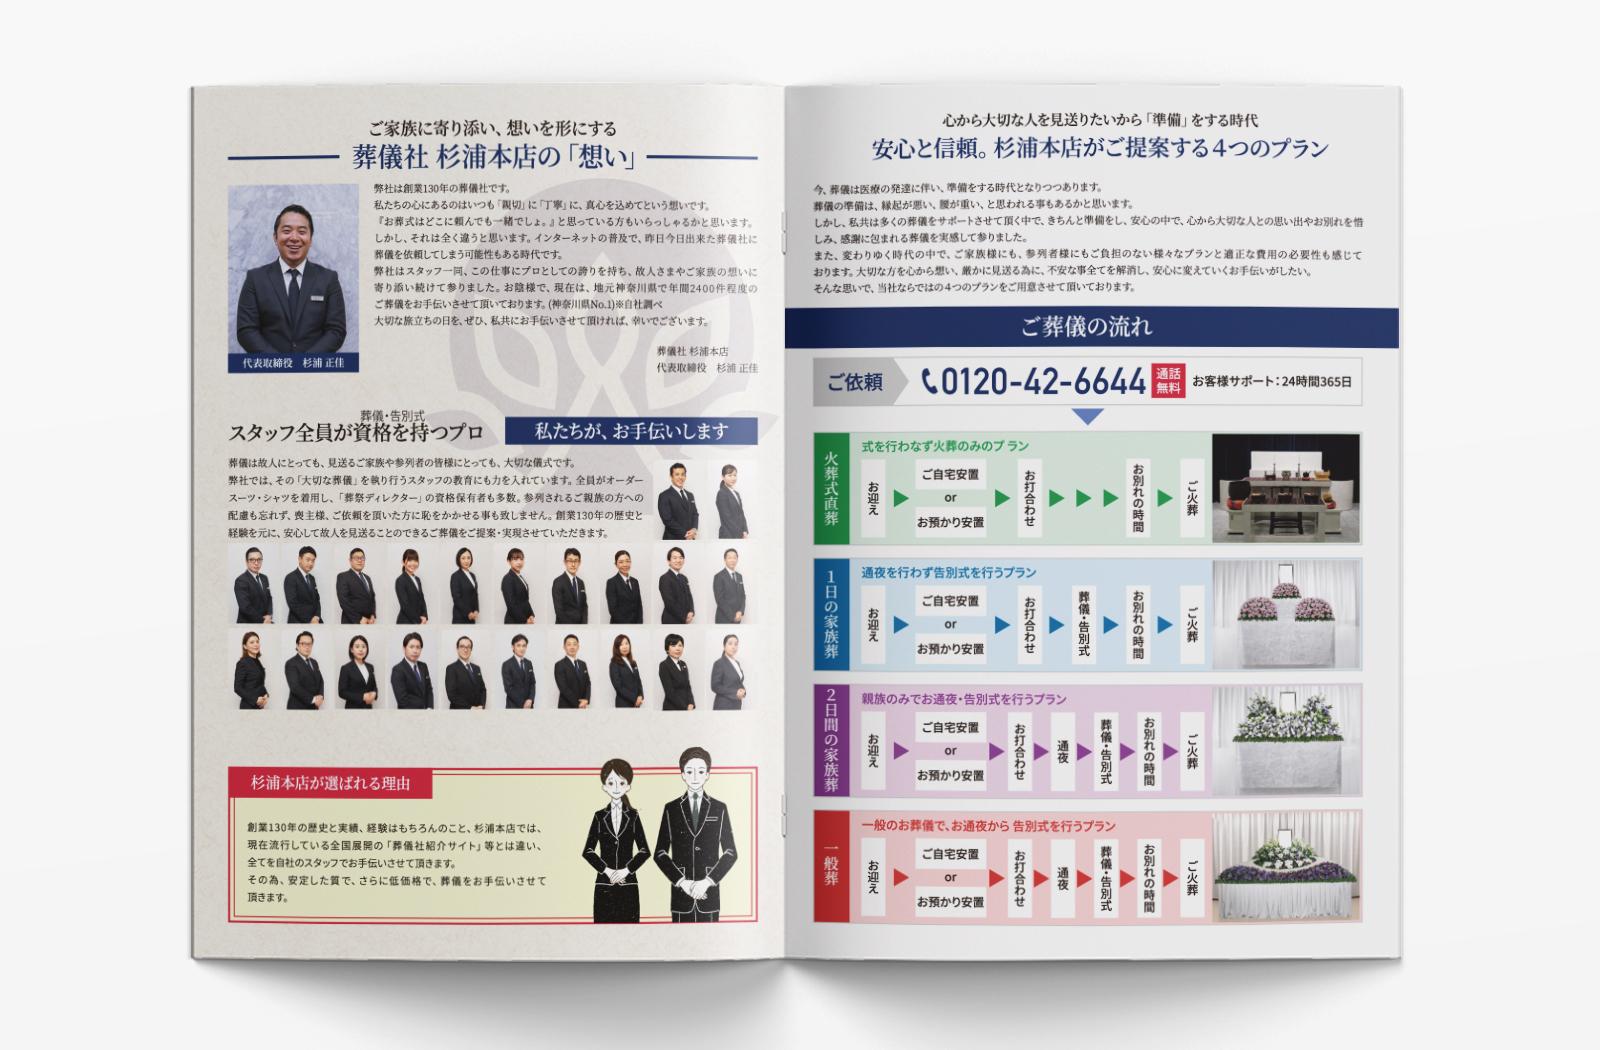 葬儀社 杉浦本店 様のカタログデザイン